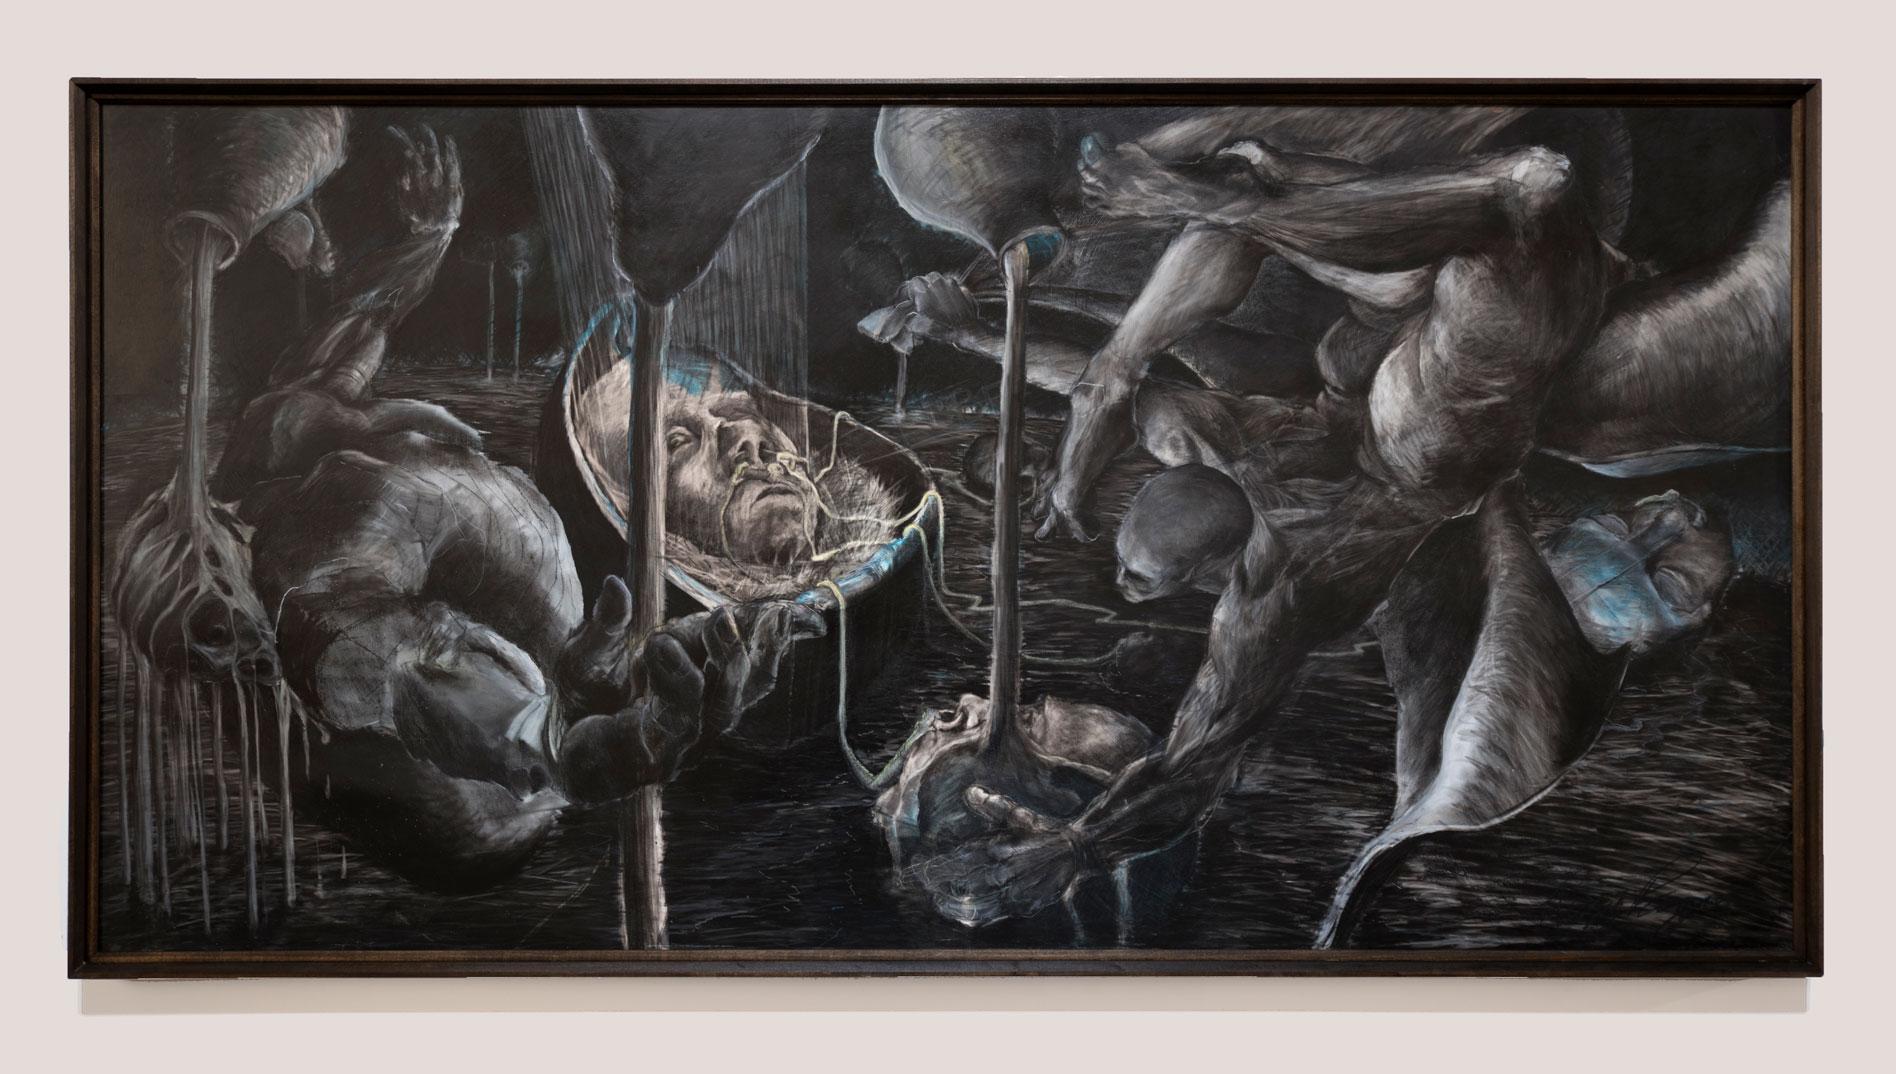 Purging of Ignorance, 1997